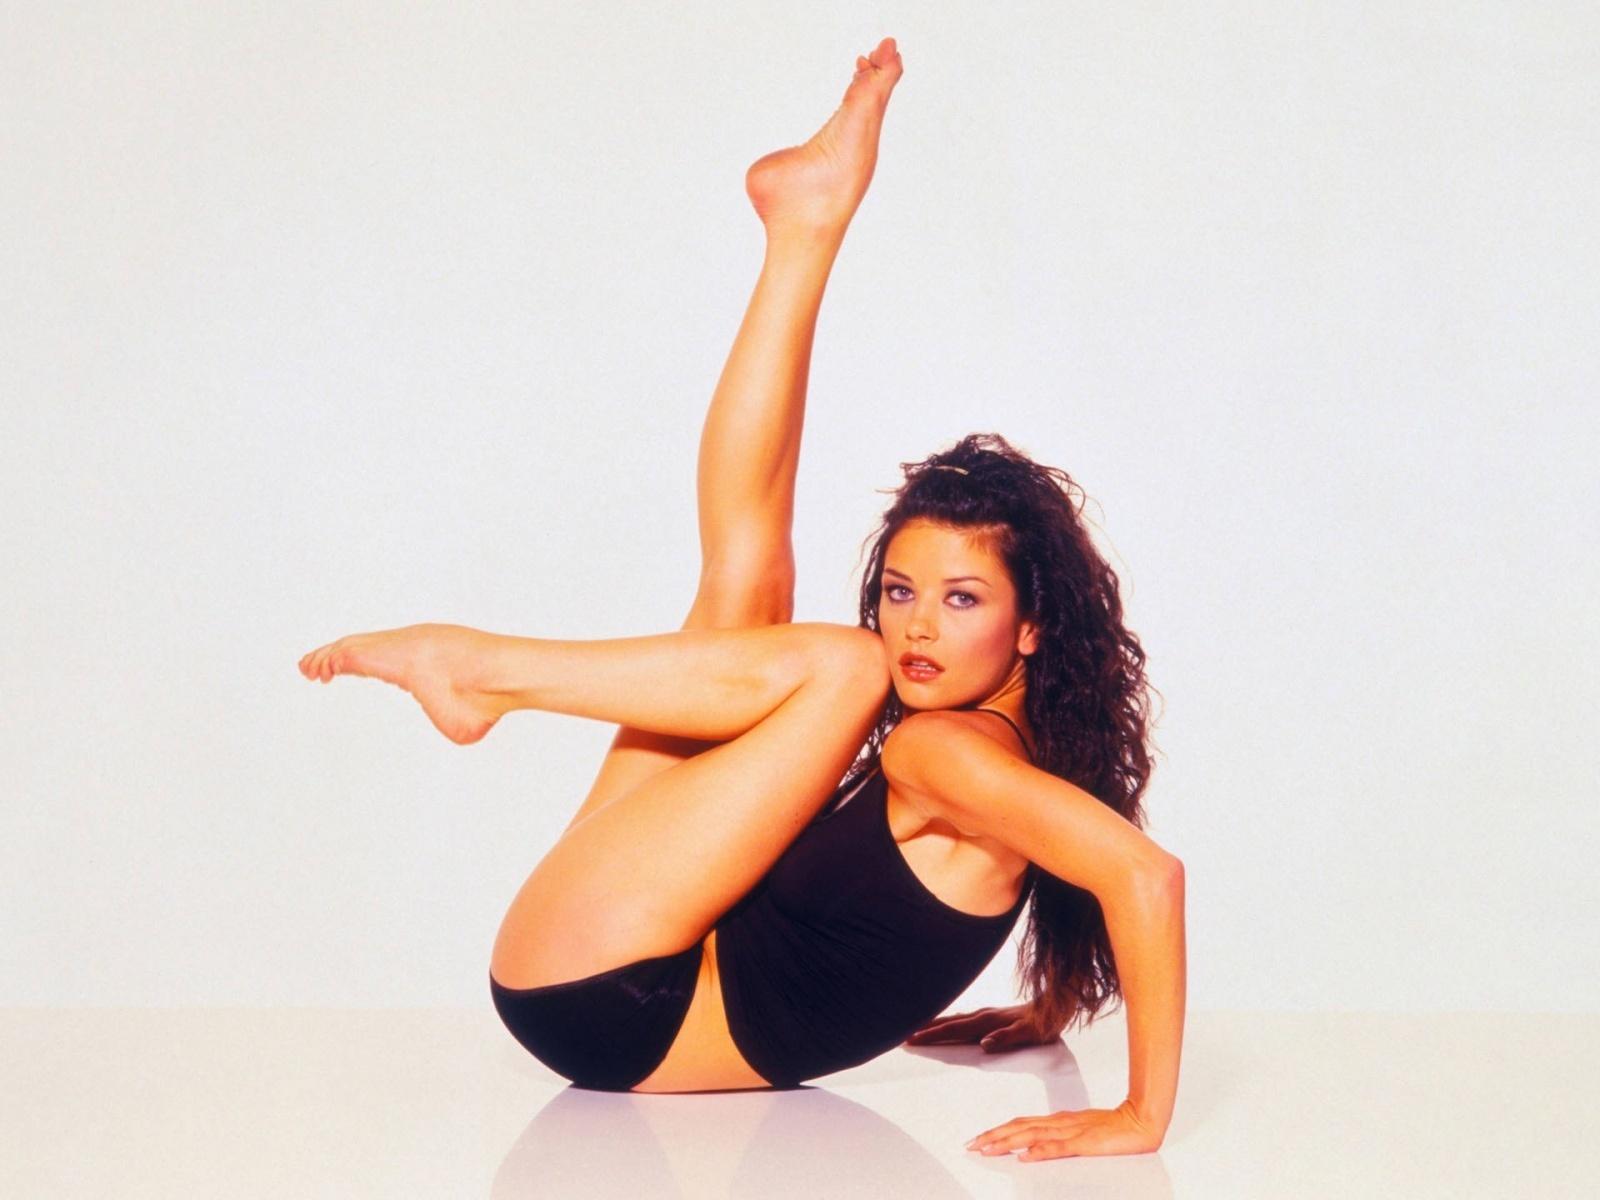 Catherine Zeta Jones Images, Videos and Sexy Pics